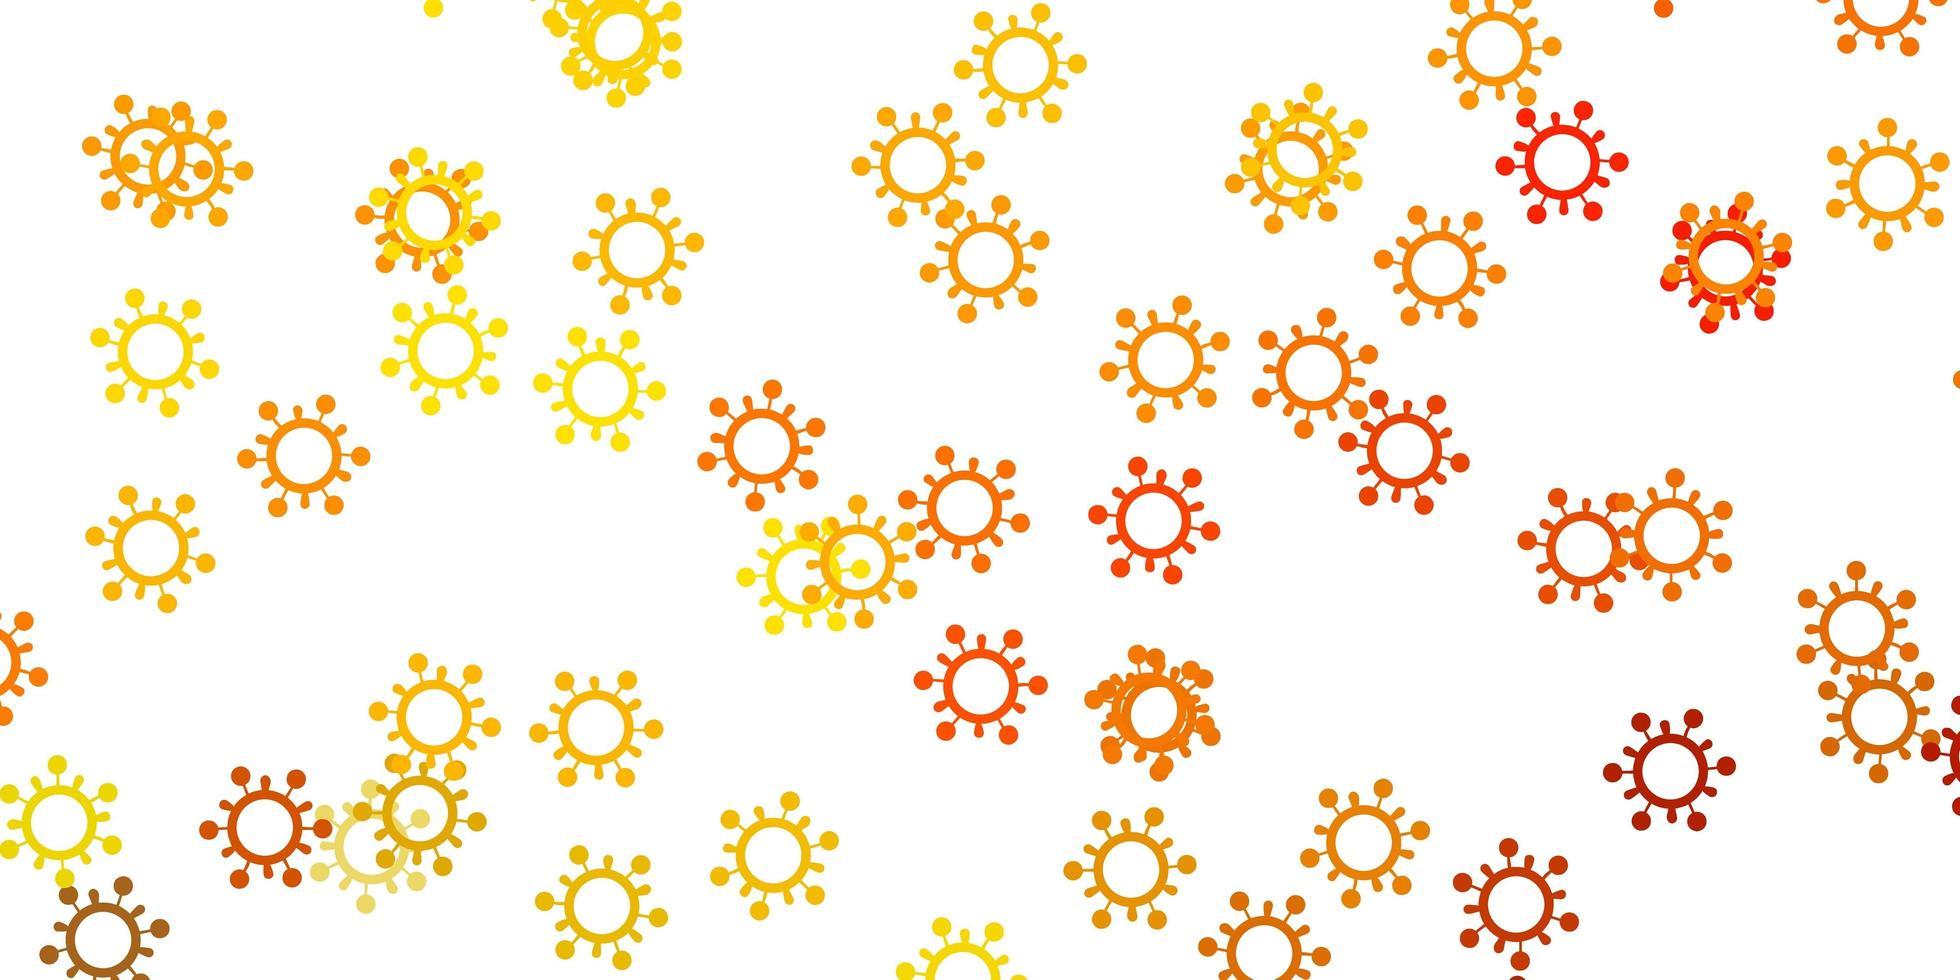 modelo de vetor amarelo claro com sinais de gripe.